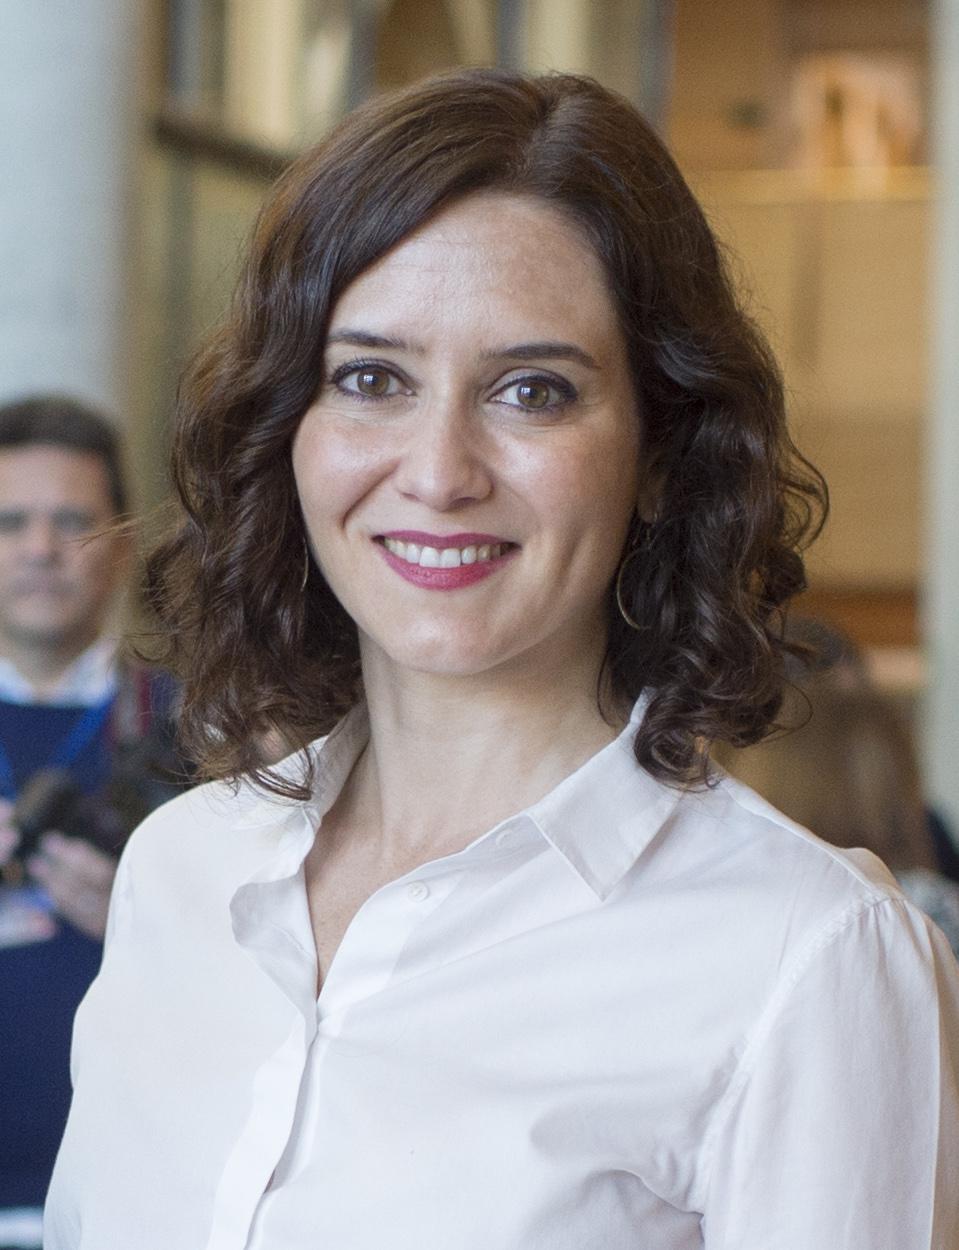 Isabel Díaz Ayuso - Wikipedia